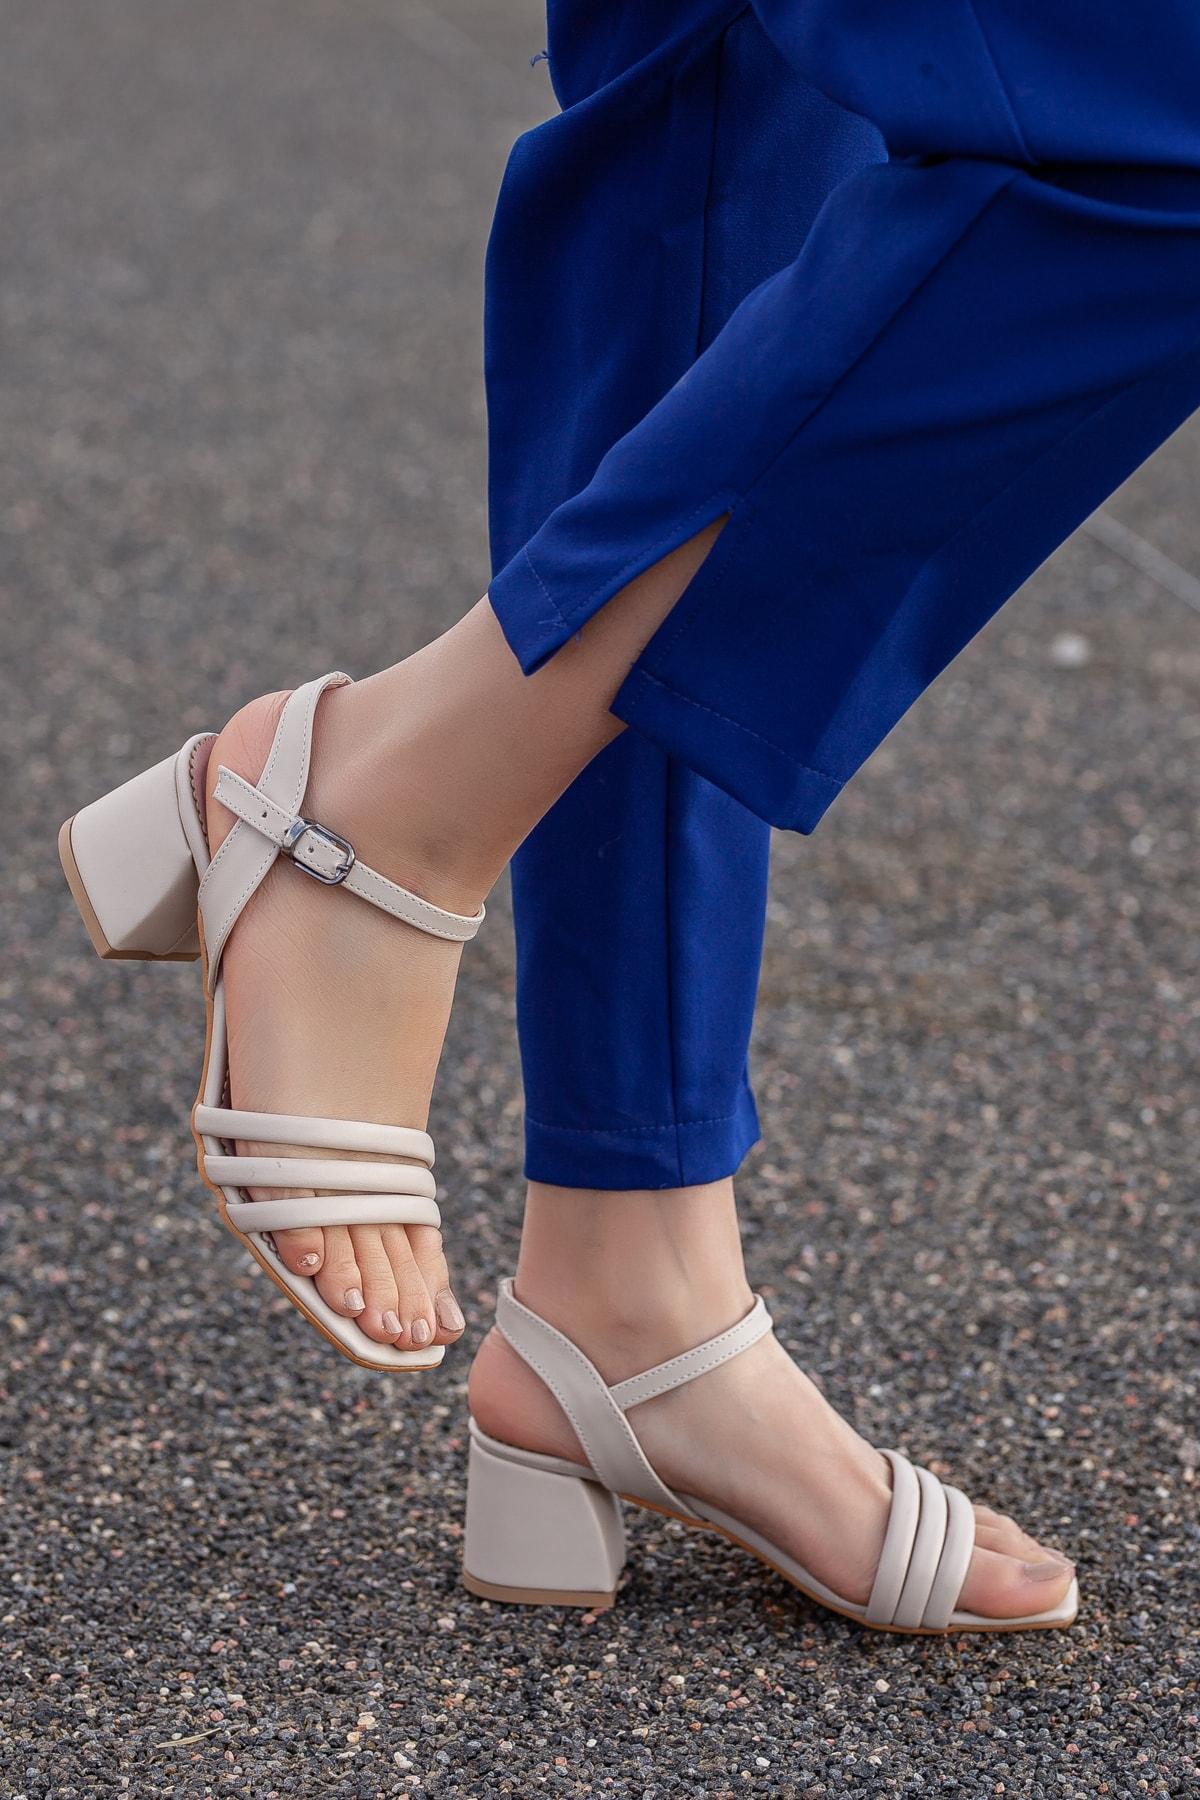 Daxtors Kadın Klasik Topuklu Ayakkabı 1